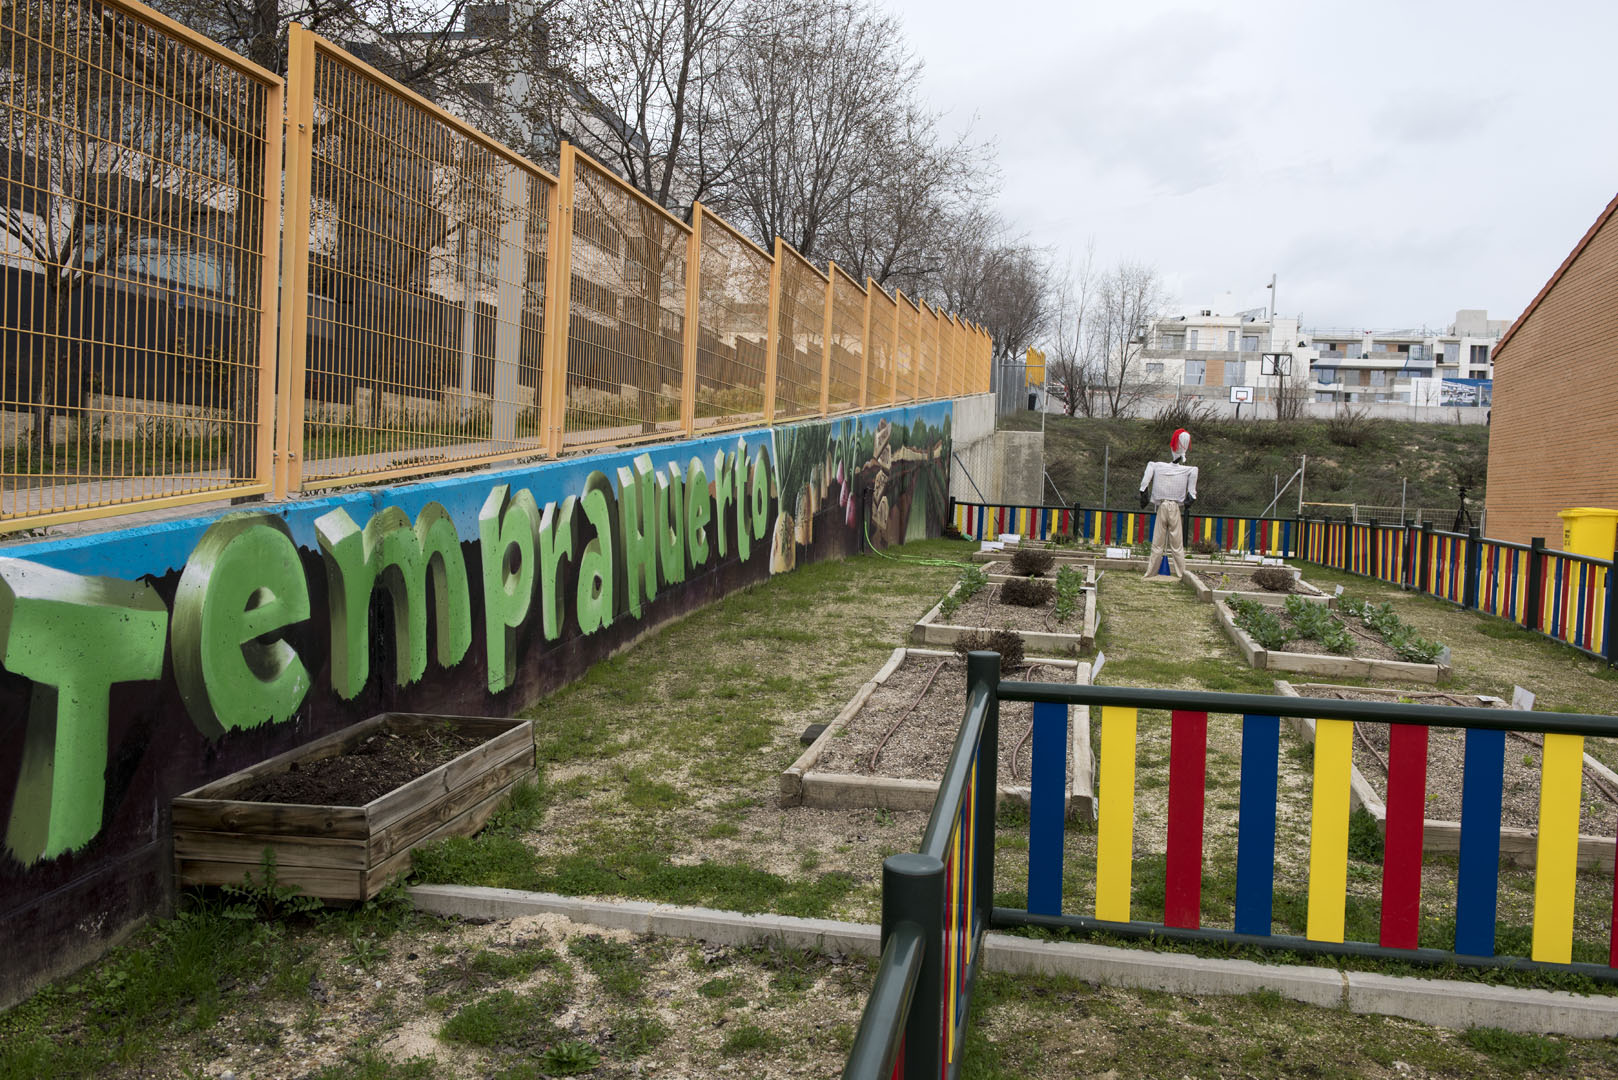 http://www.colegiotempranales.com/images/tempranales/centro/galeria/Huerto.jpg